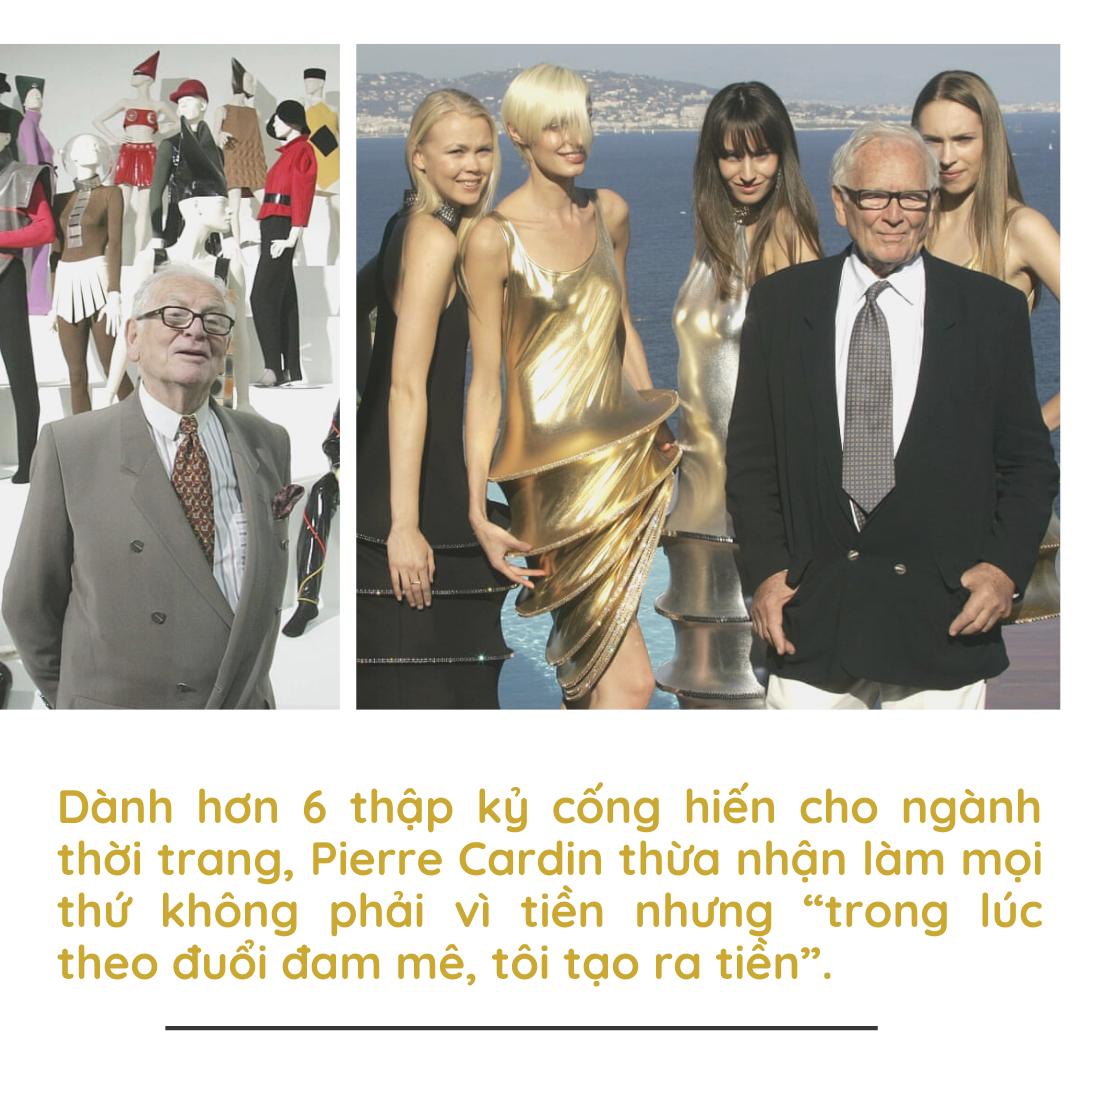 Huyền thoại Pierre Cardin: câu chuyện thương hiệu cá nhân và khối tài sản 800 triệu USD cuối đời - Ảnh 6.